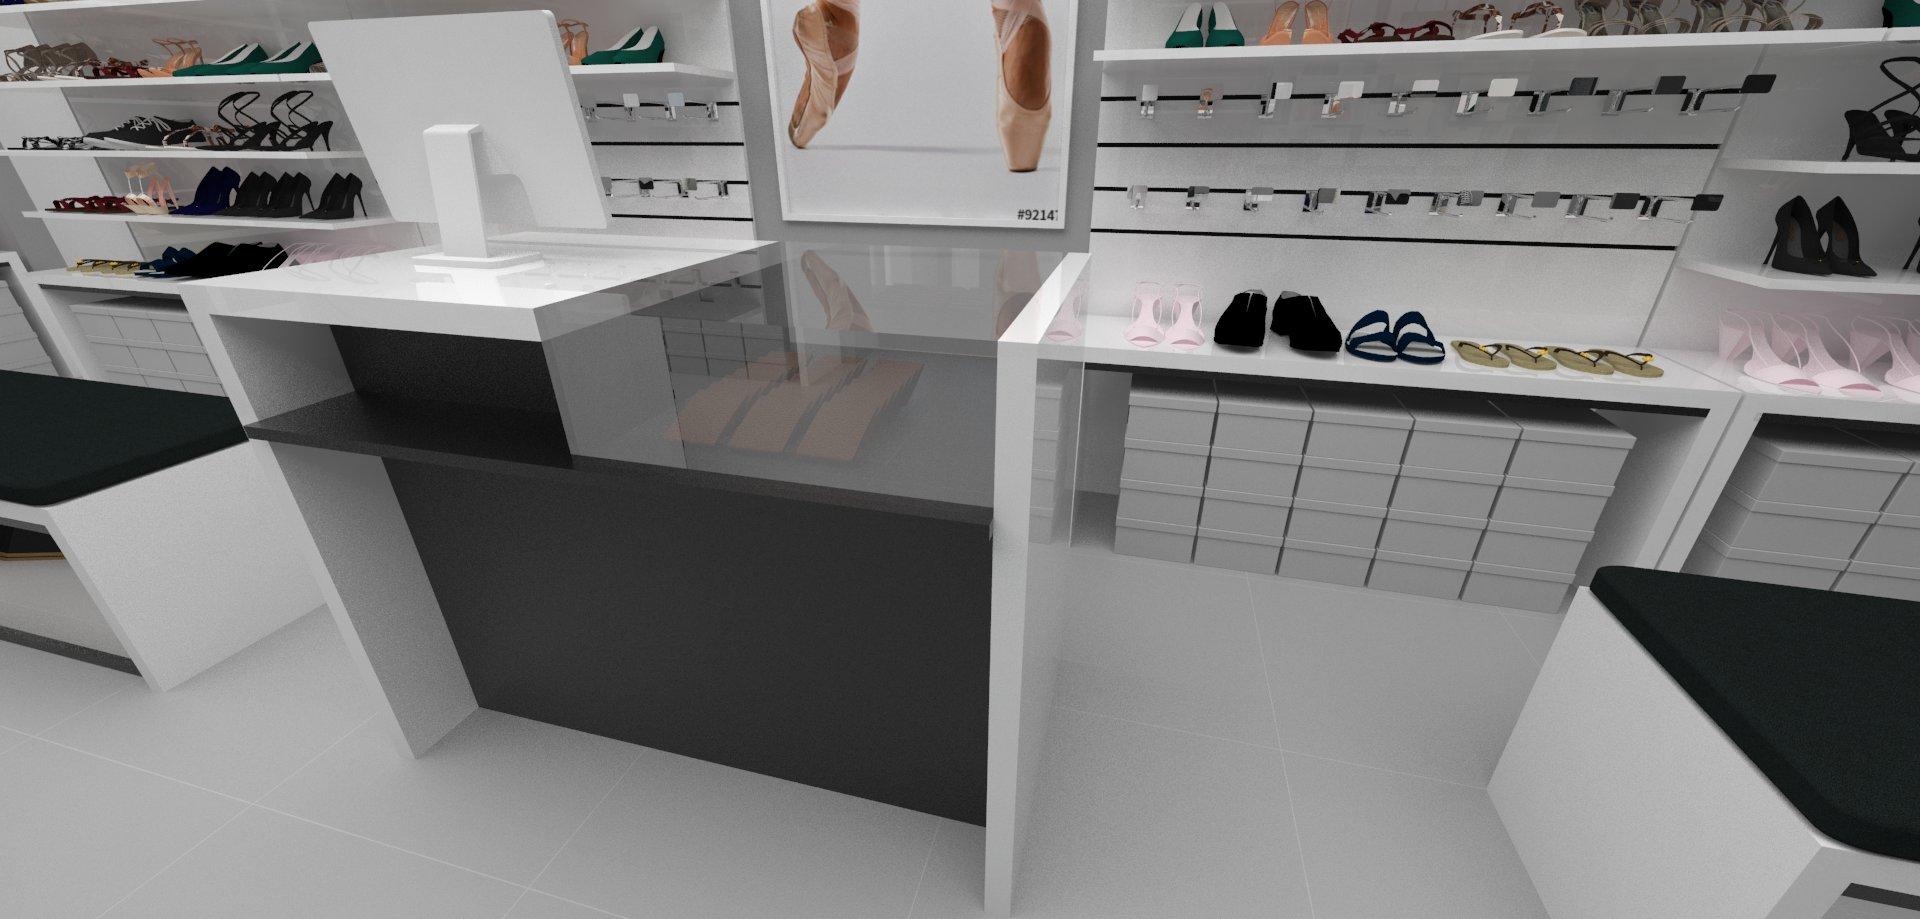 7c29a541cc1e3 Wyposażenie sklepów spożywczych   projekty-sklepow.pl   Projekty sklepów